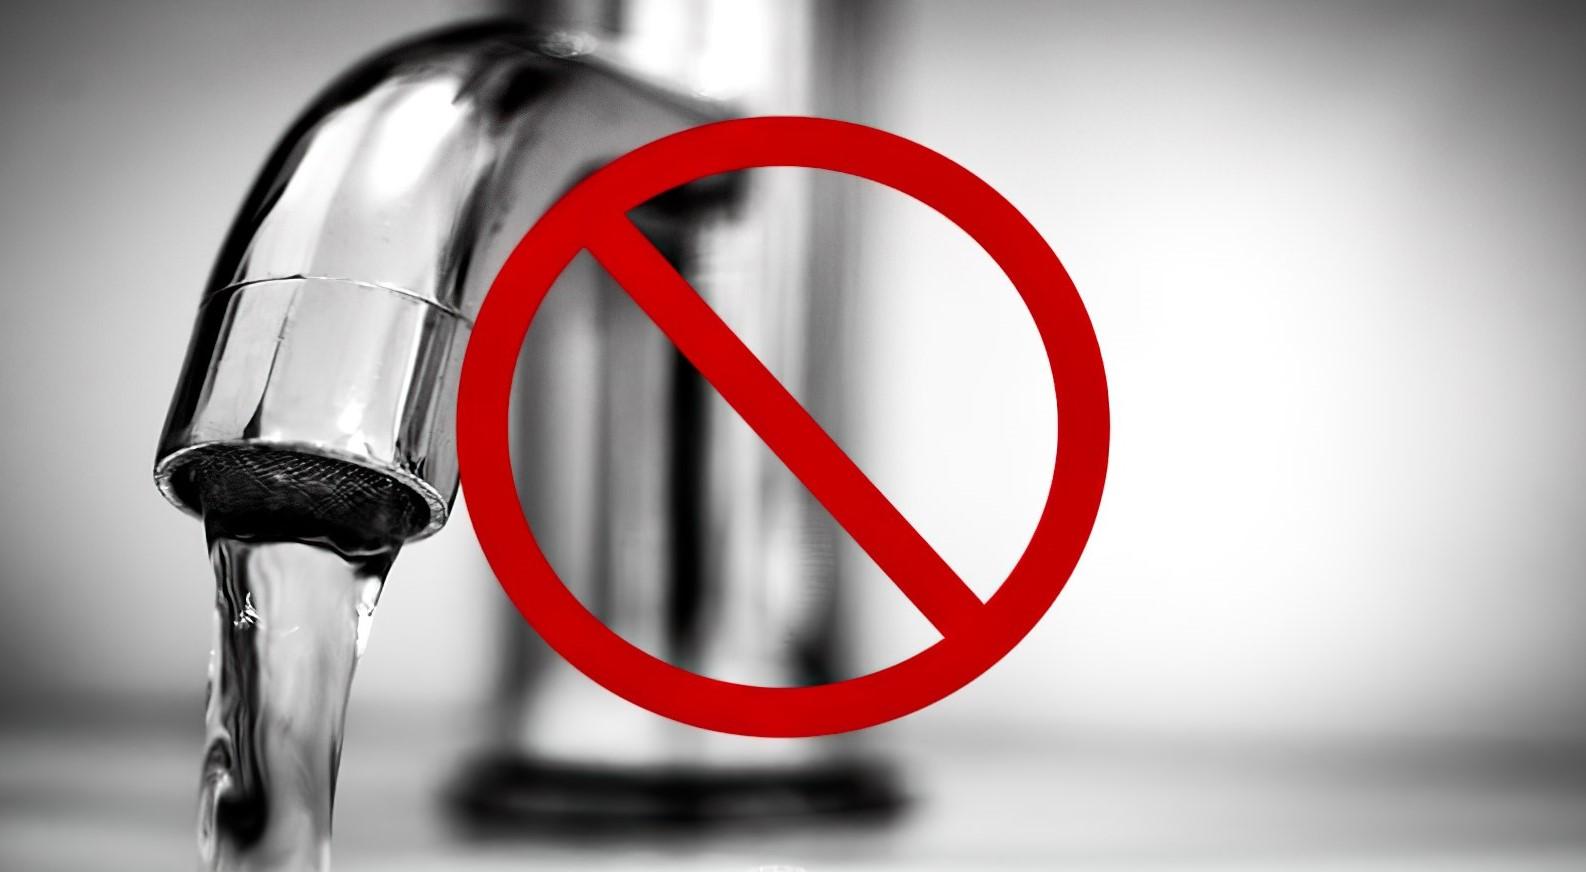 Alerte coupure d'eau !